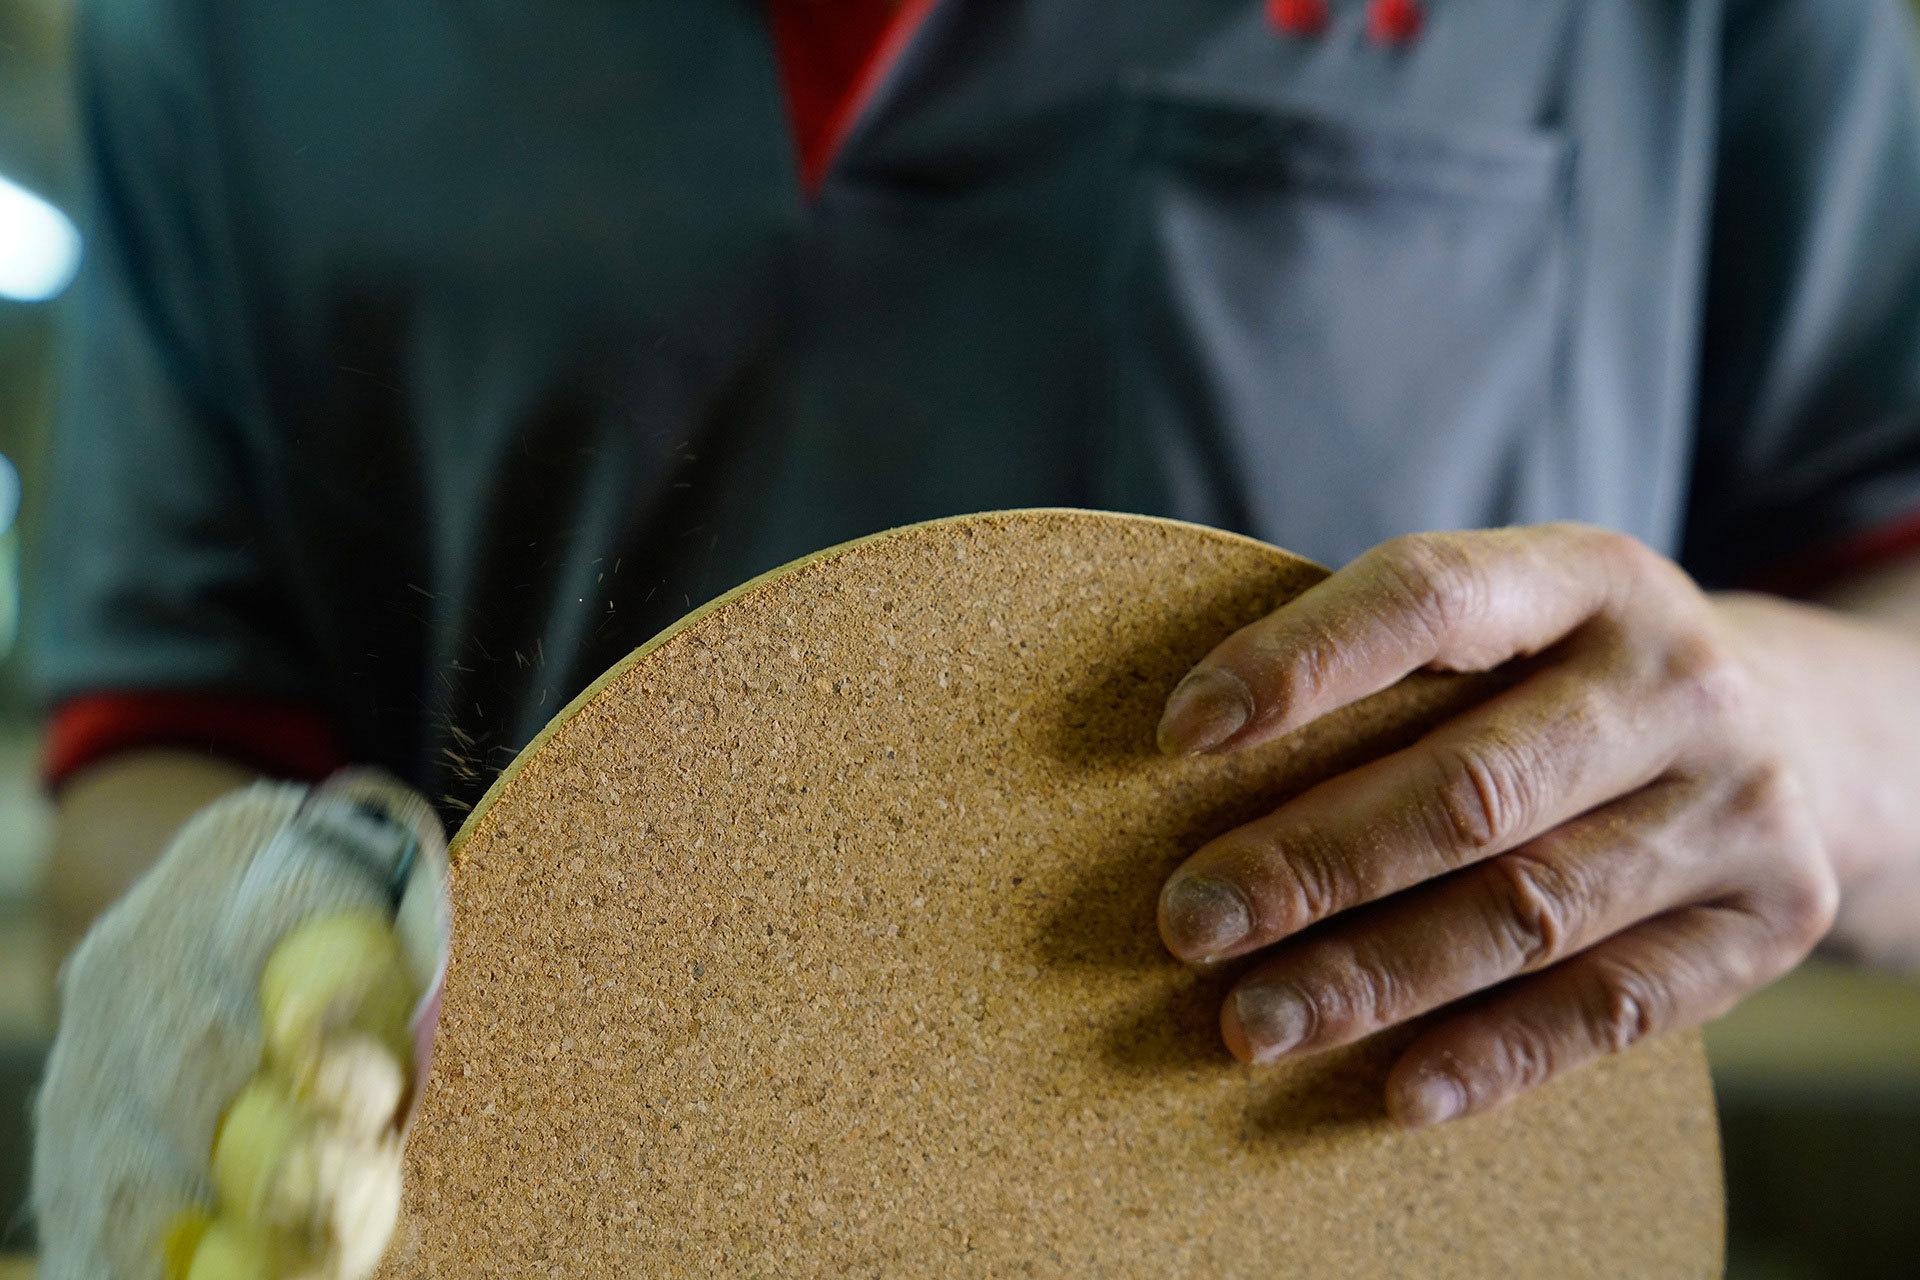 软木底座经由细致打磨,保证边缘顺滑细腻